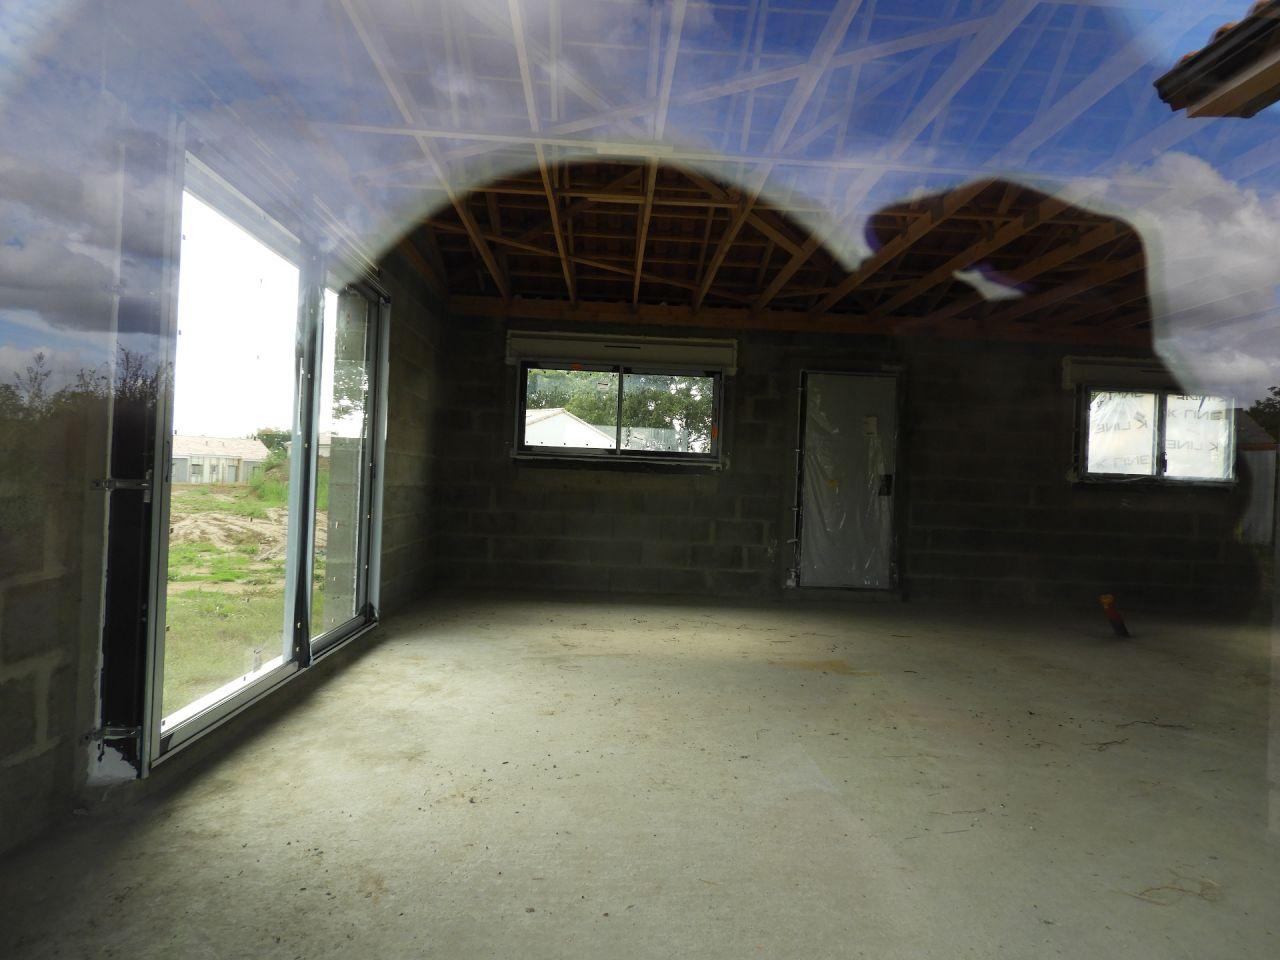 Sur la fenêtre de droite, le vantail oscillo-battant devrait être celui de gauche, or en zoomant on voit que la poignée est sur celui de droite.